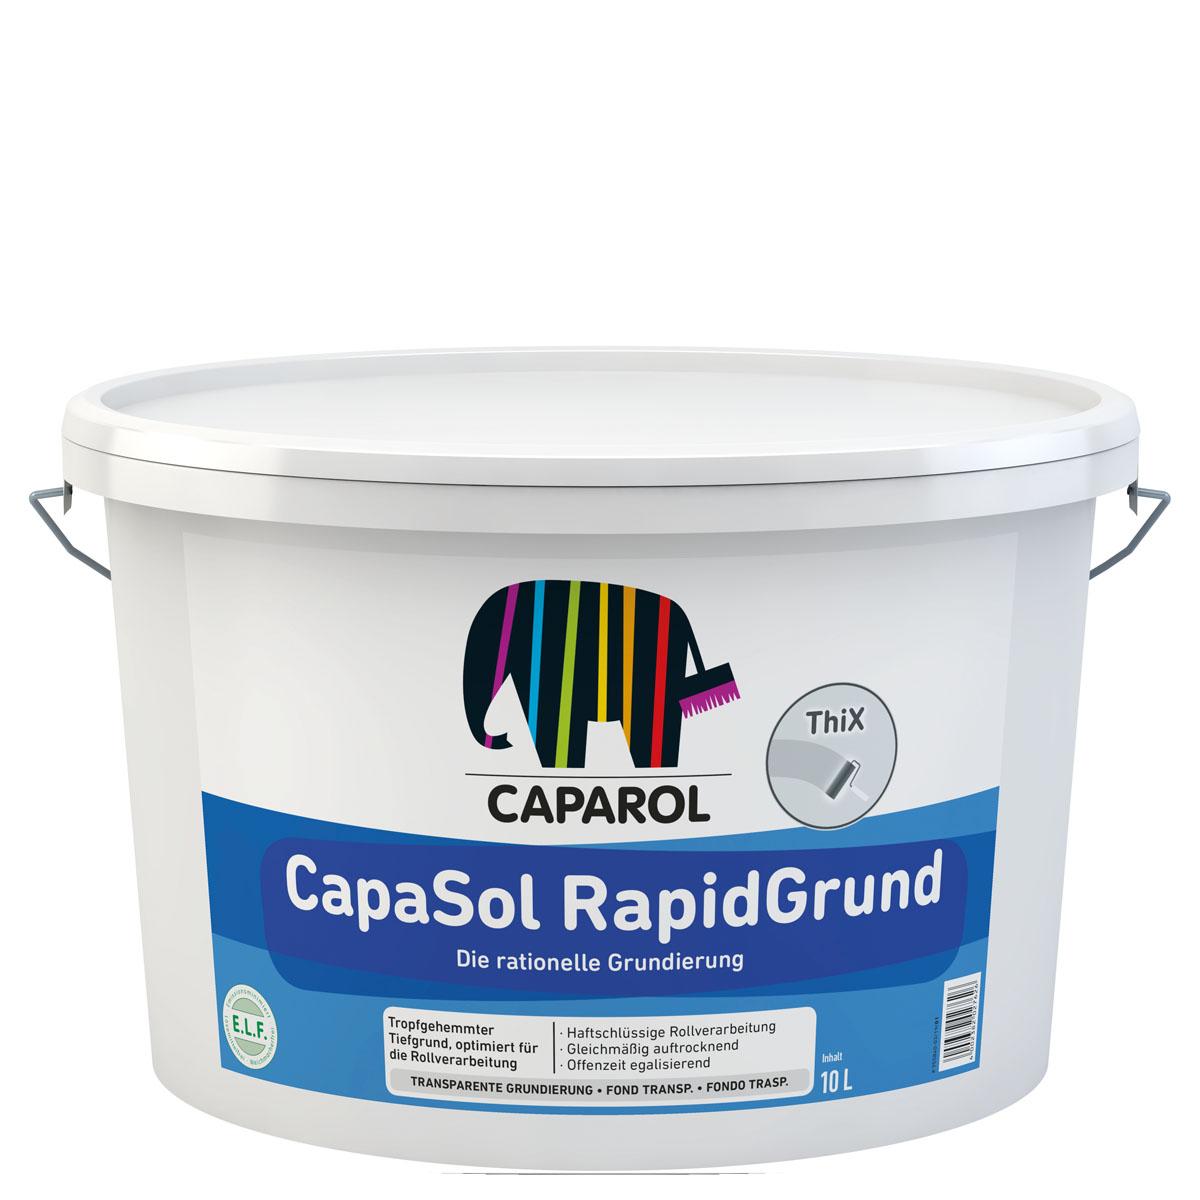 Caparol CapaSol RapidGrund 10L, Tiefengrund